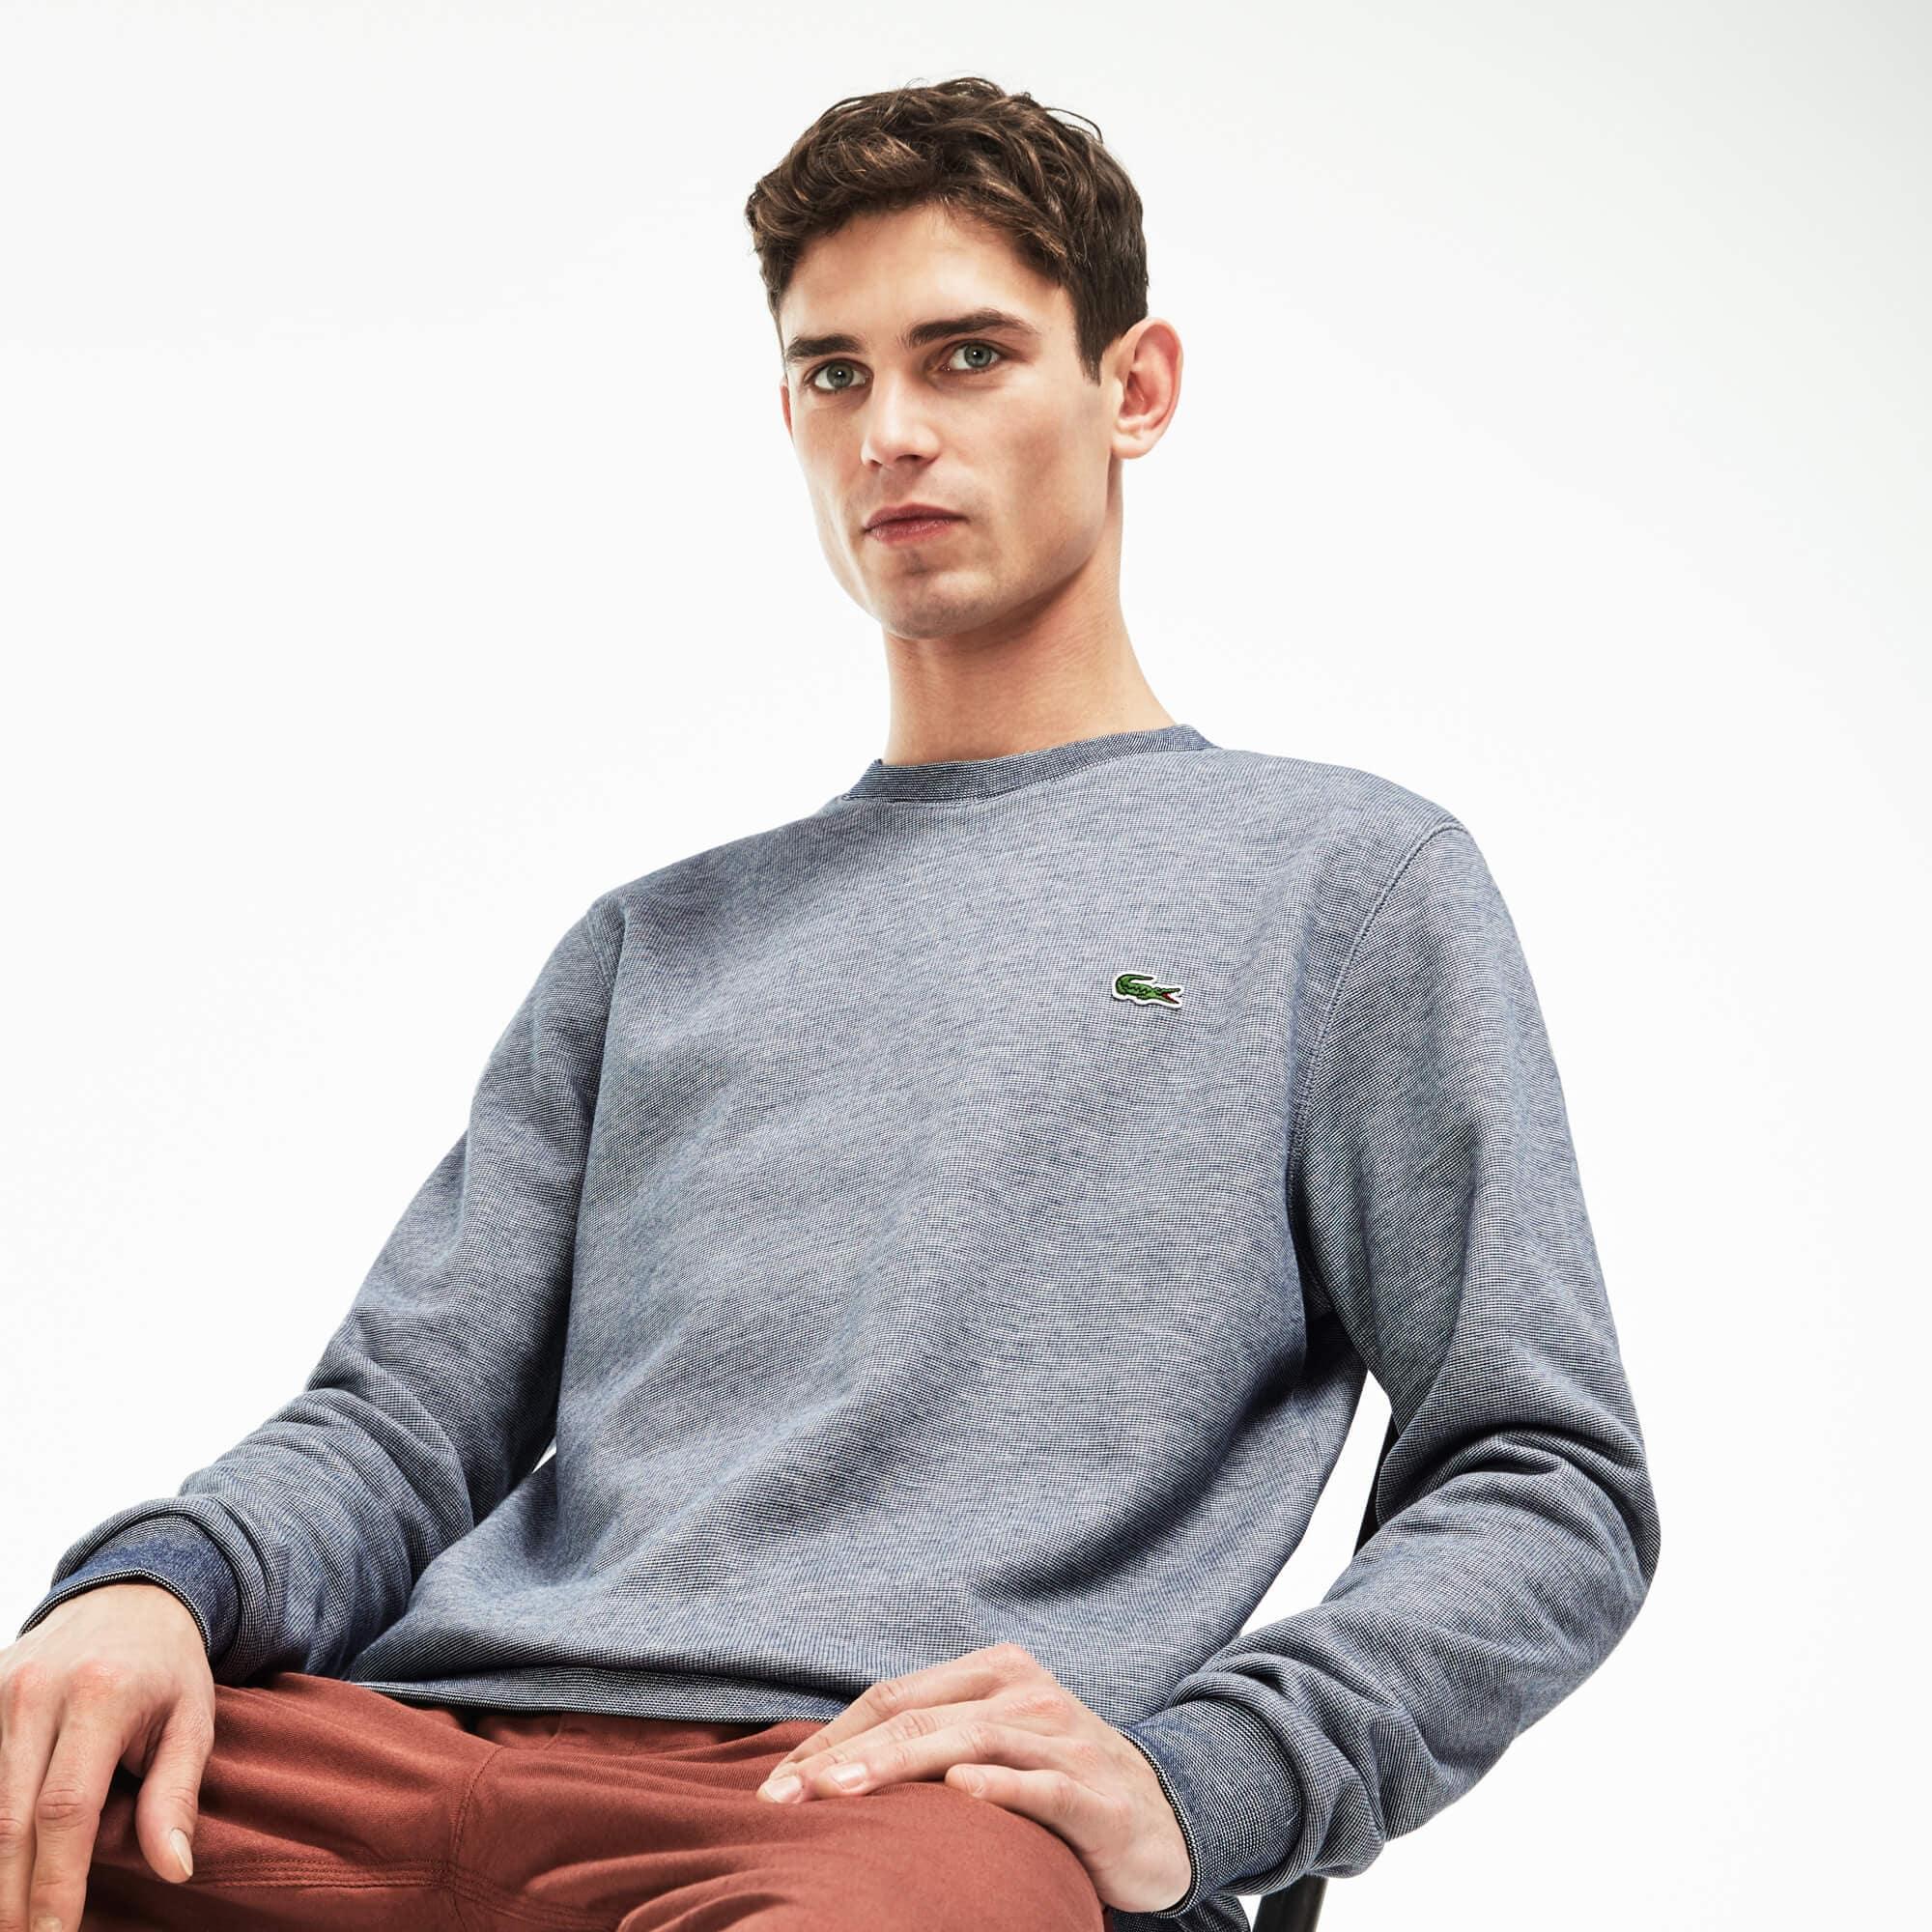 Men's Crew Neck Striped Brushed Fleece Sweatshirt